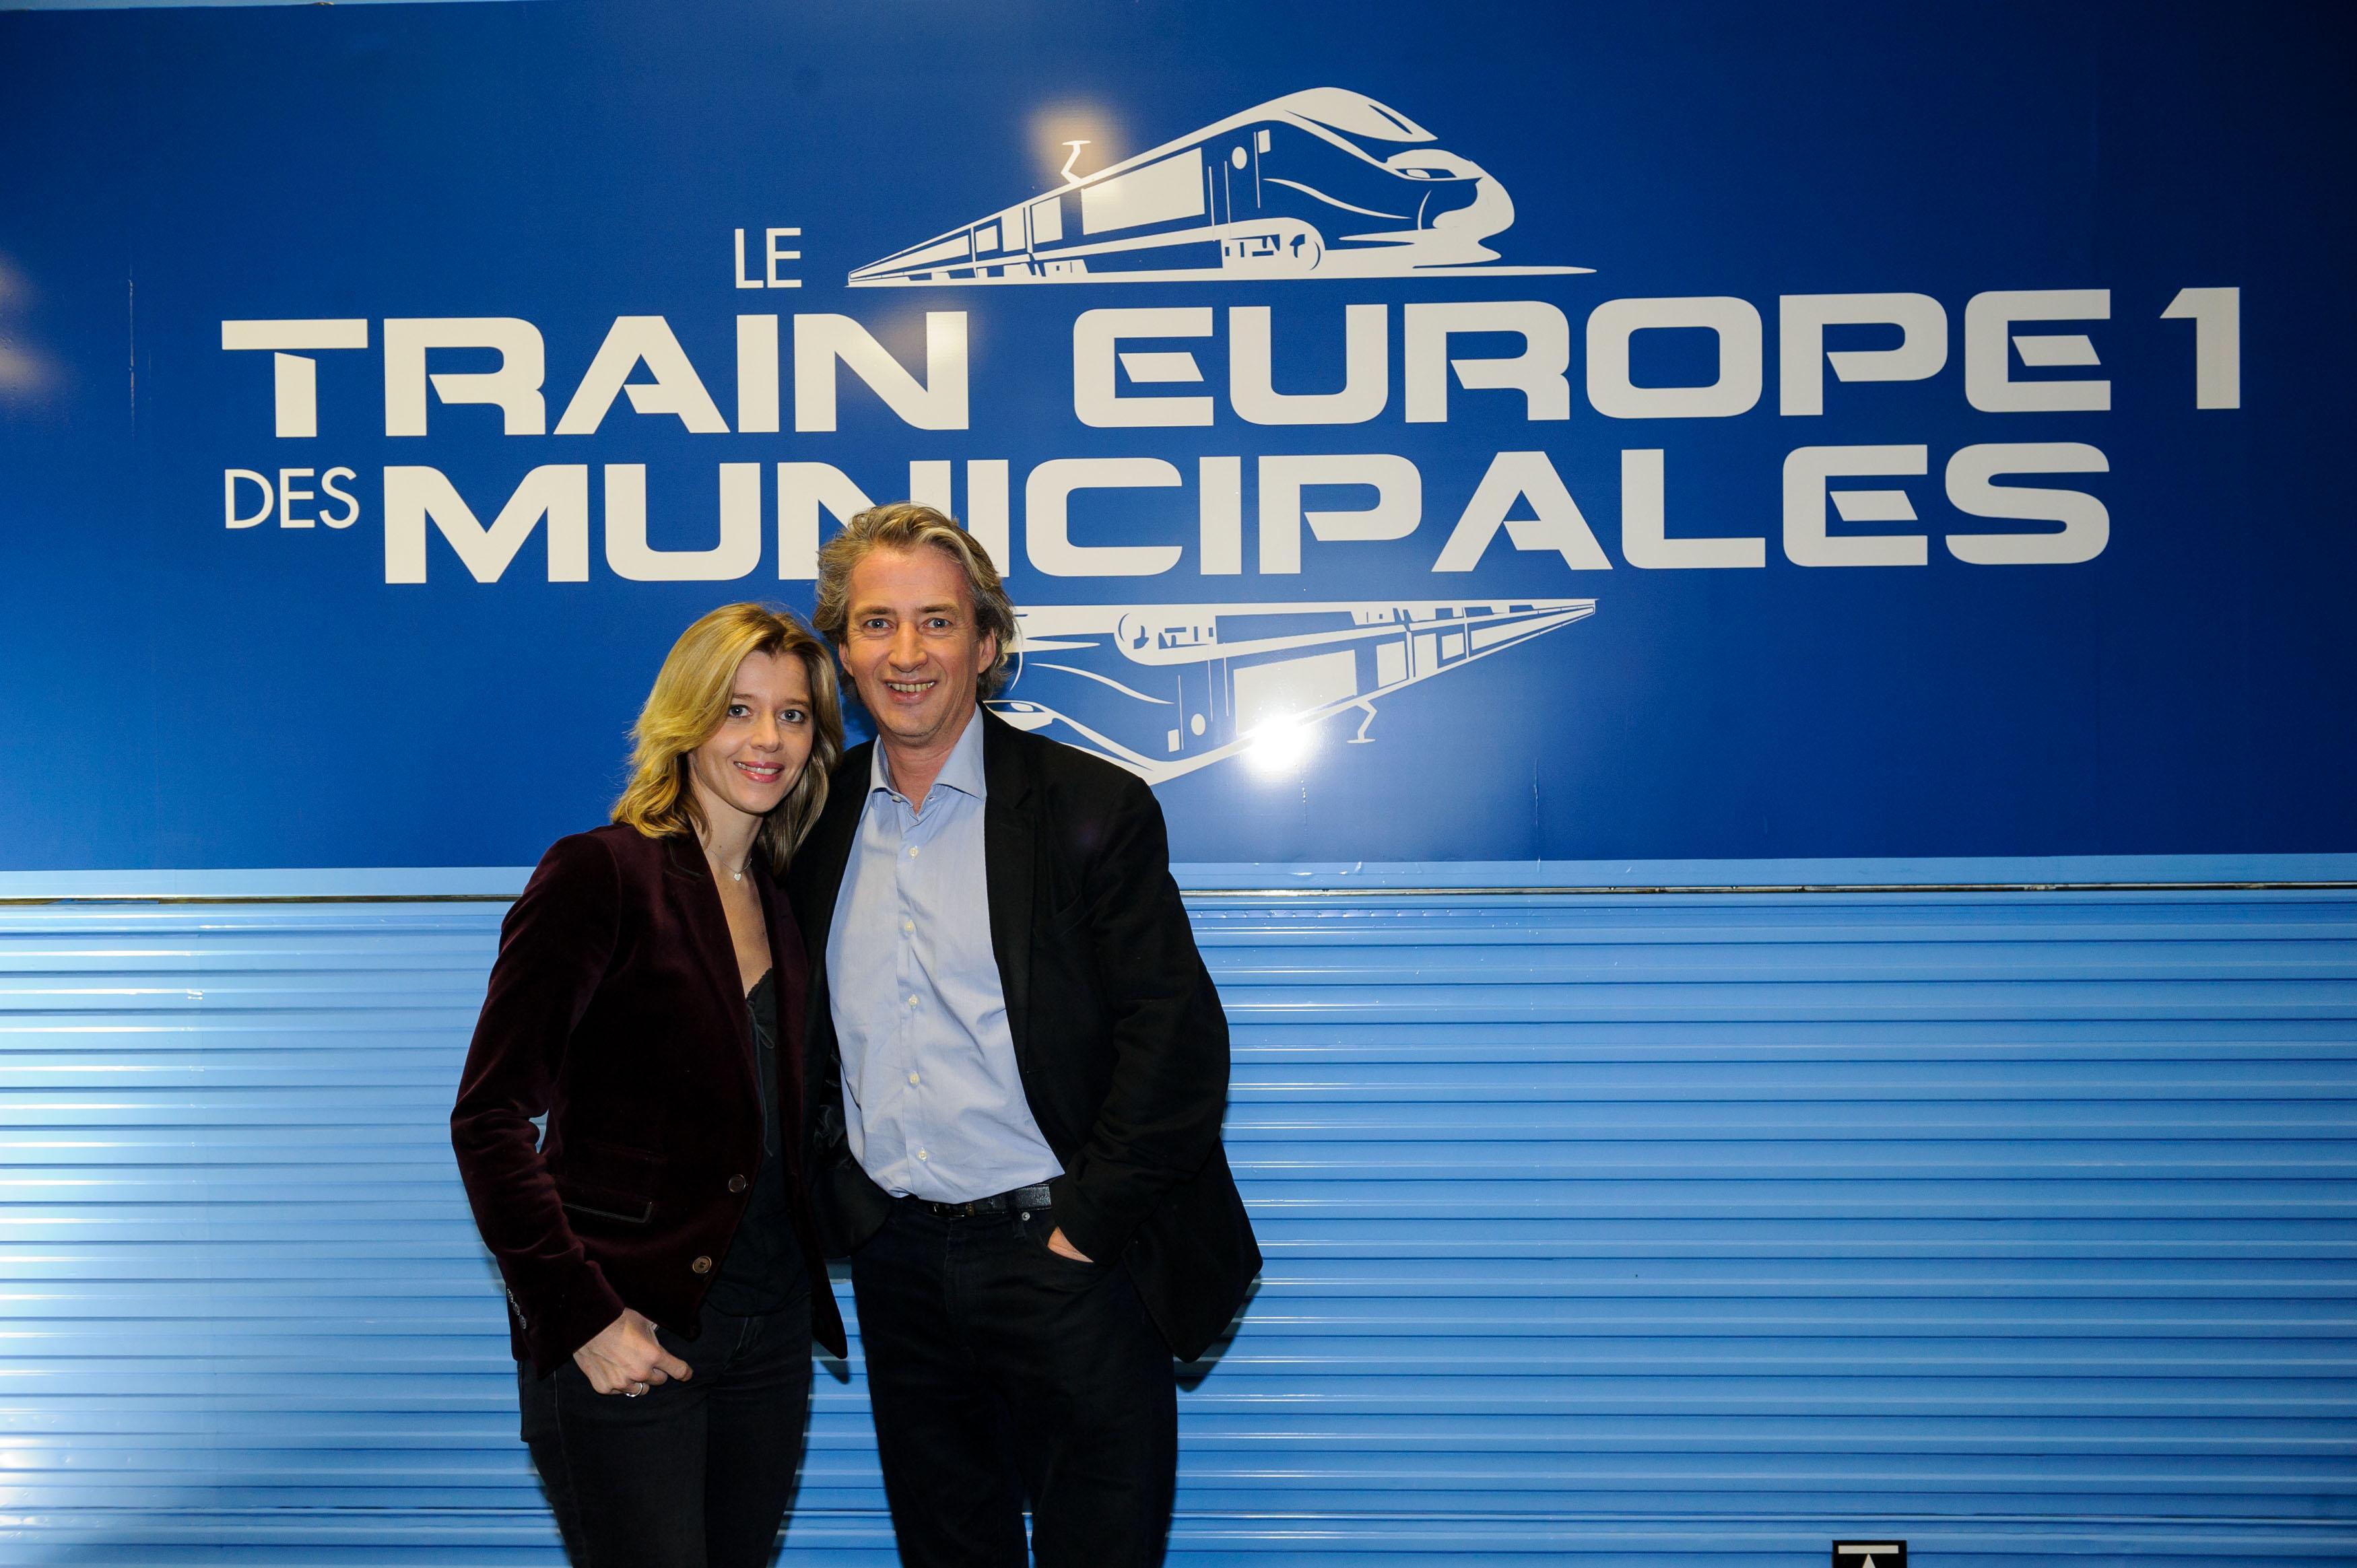 Wendy Bouchard et Nicolas Poincaré © Christophe Petit-Tesson / Capa Pictures / Europe 1